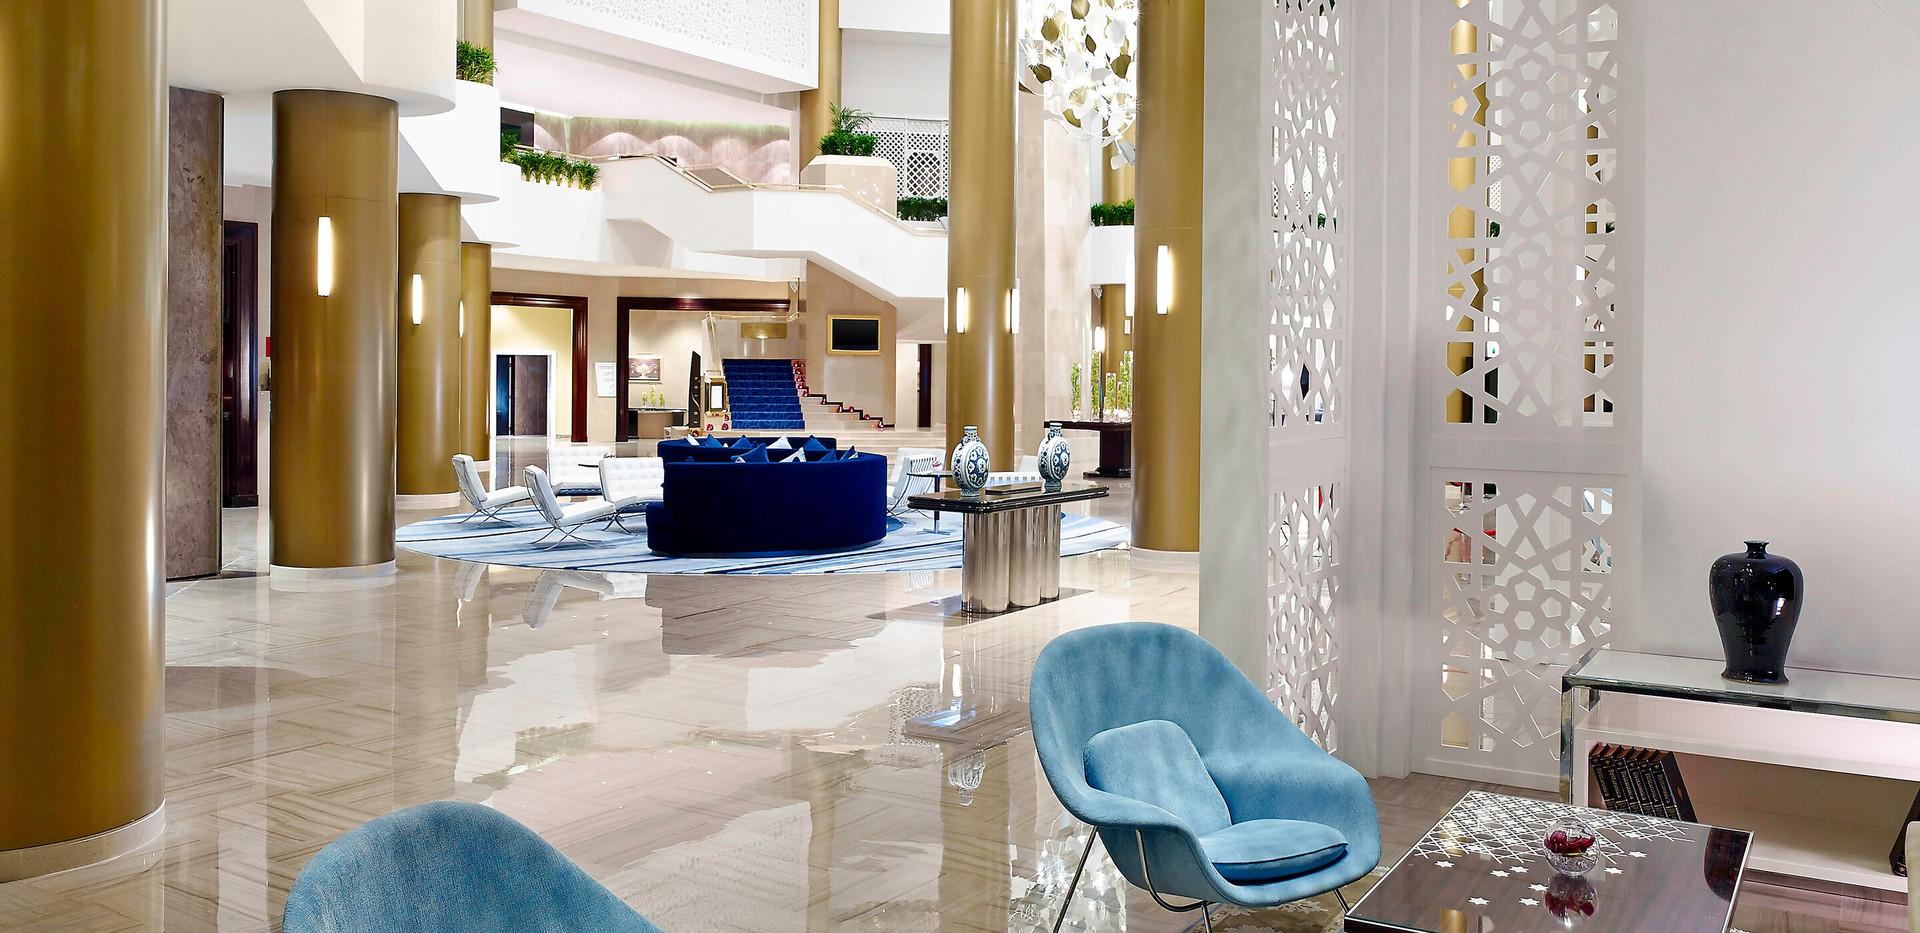 dhamd-lobby-3570-hor-wide.jpg